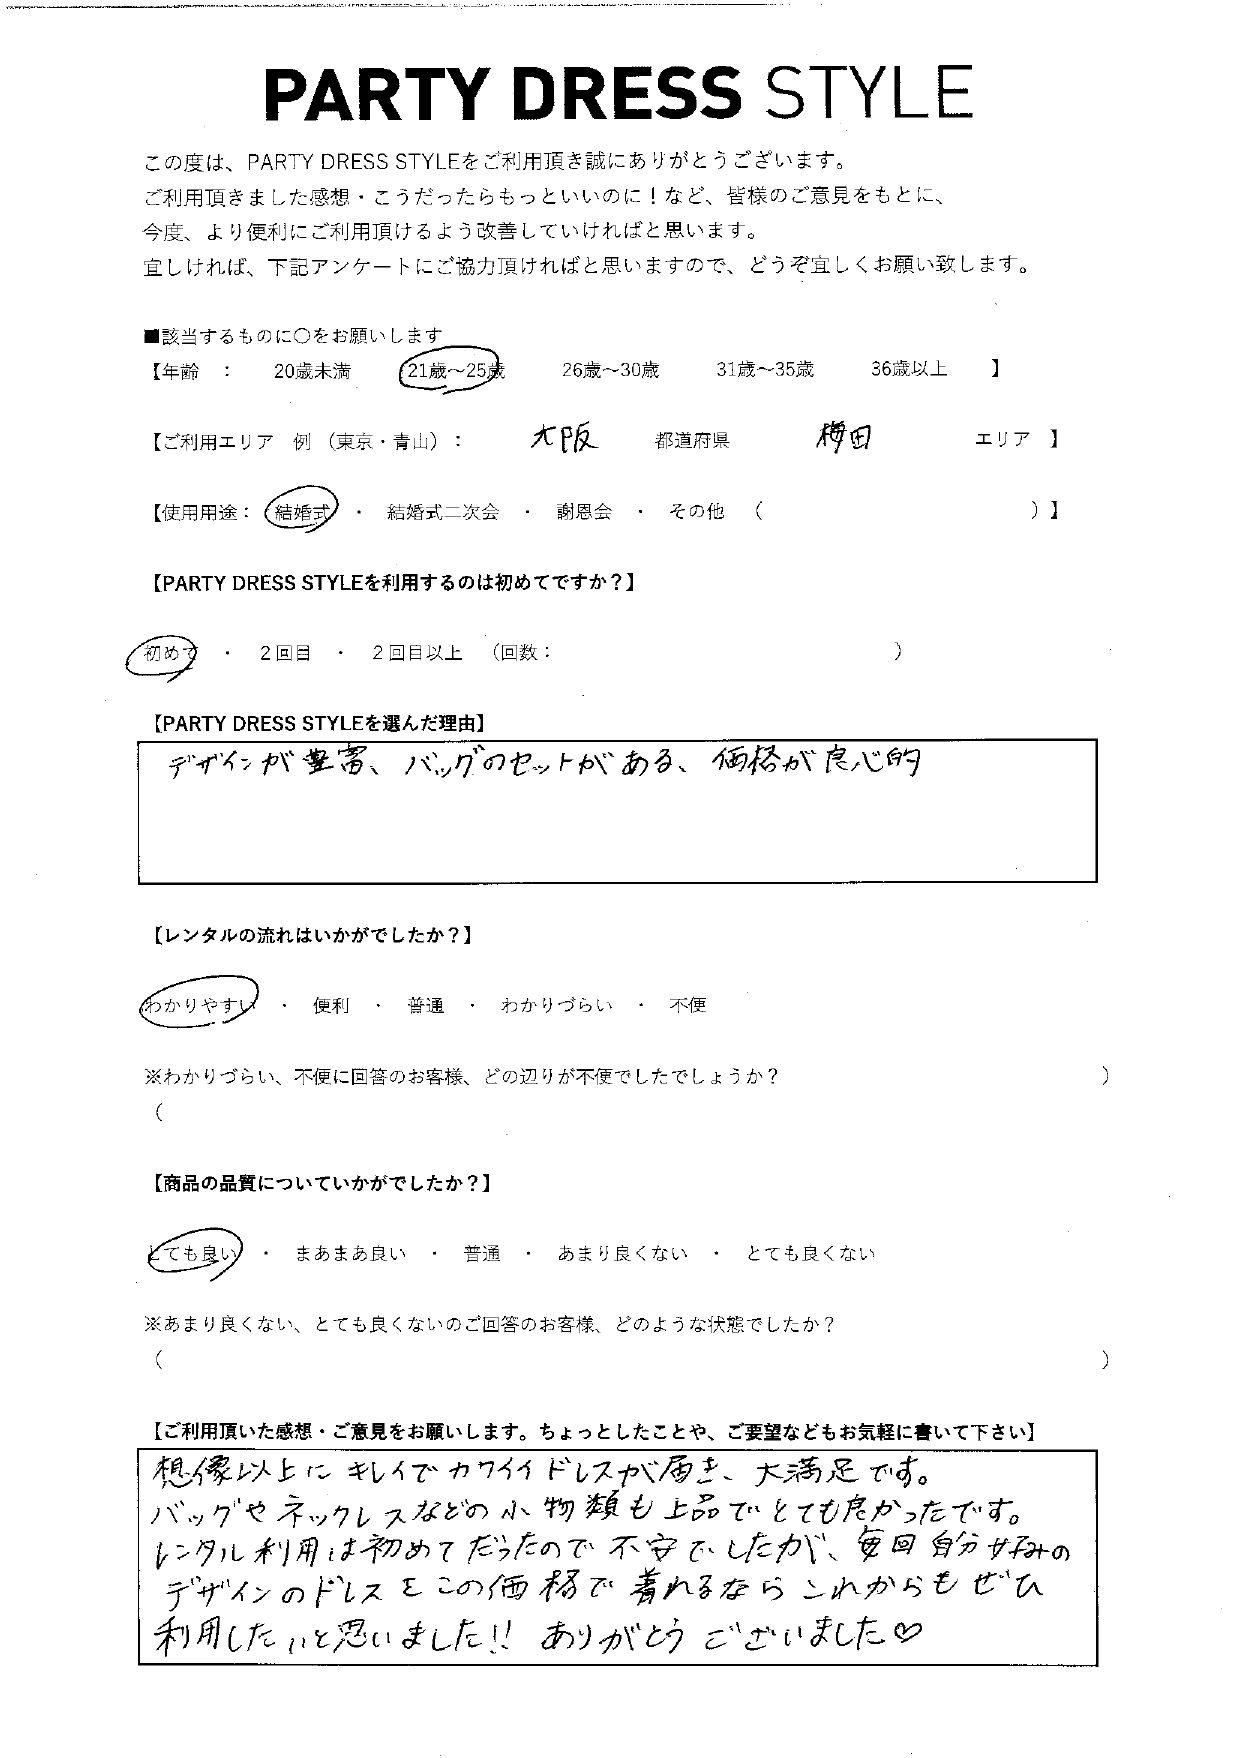 7/11結婚式ご利用 大阪・梅田エリア